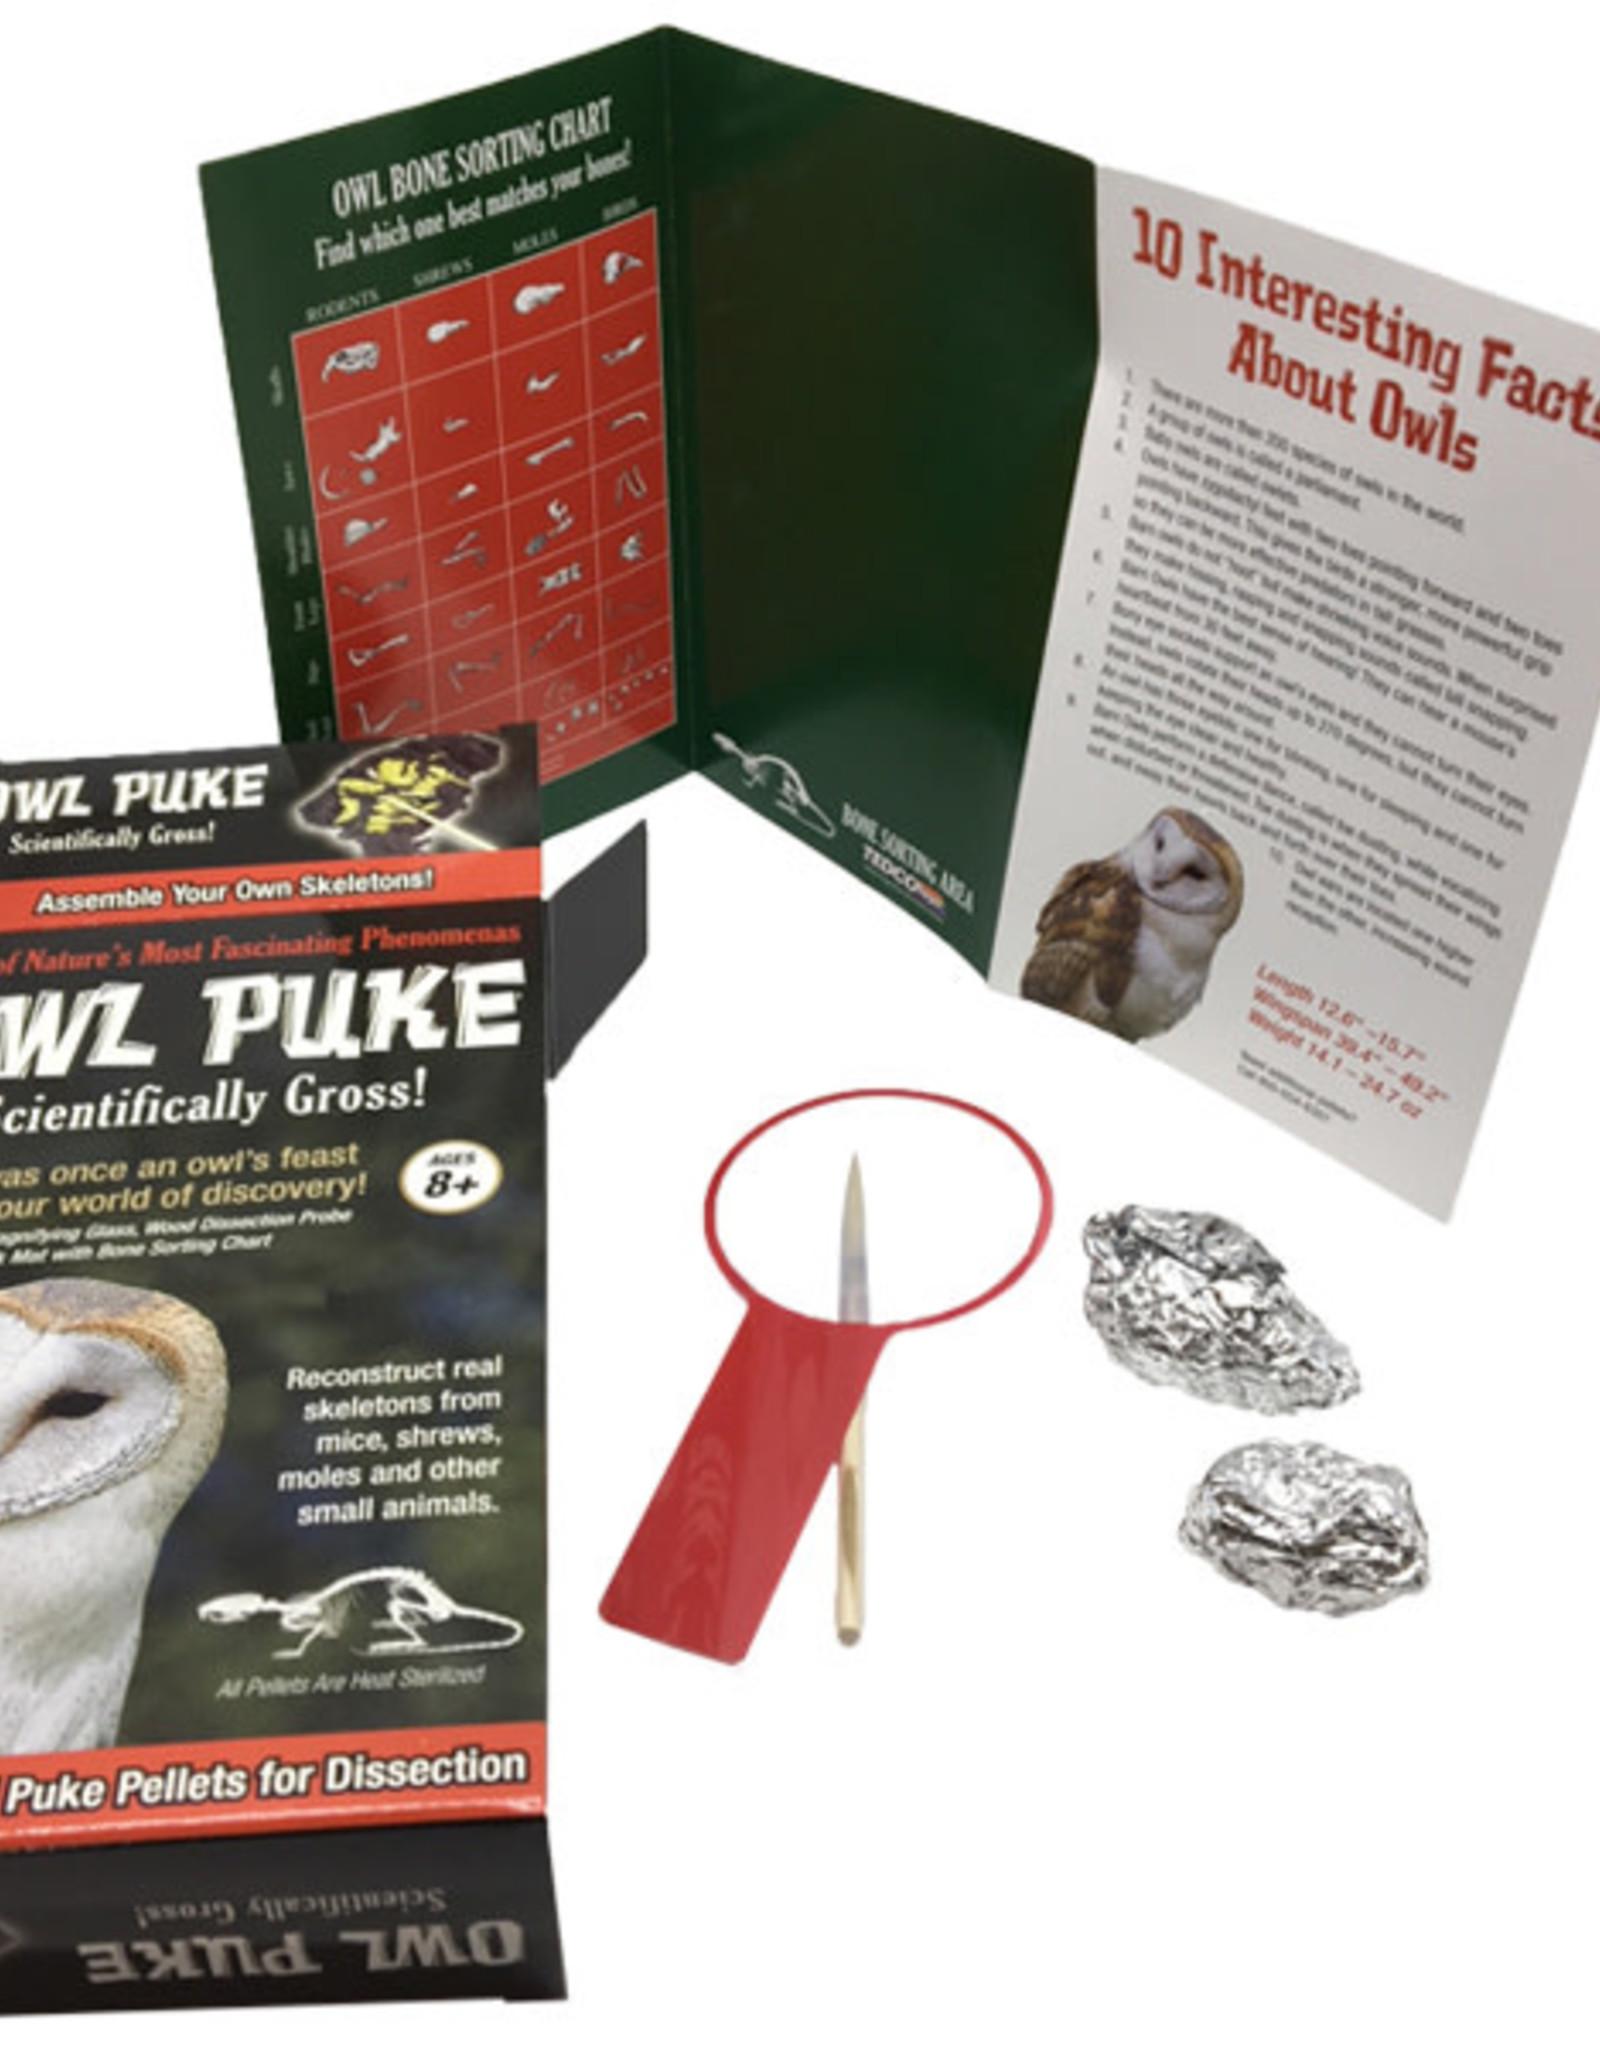 TEDCO Owl Puke